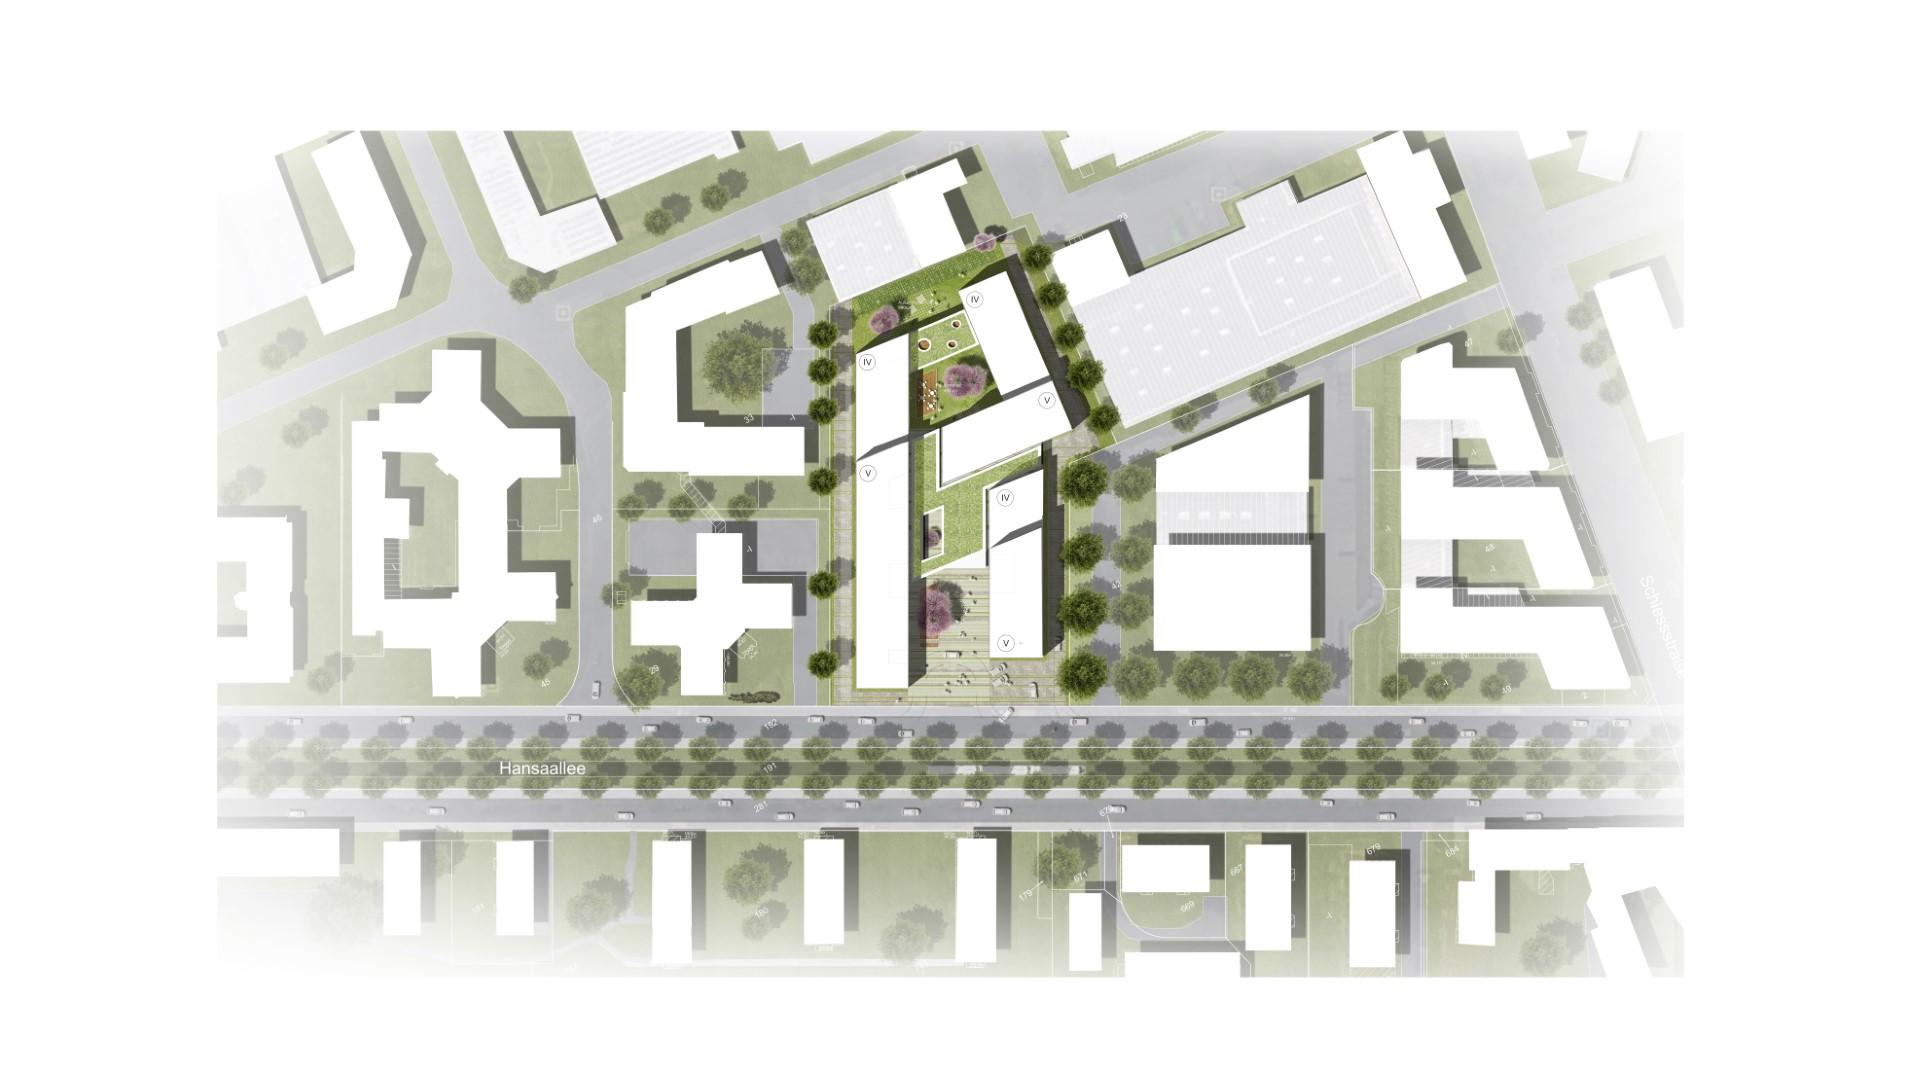 Neubau Bürogebäude Architektur Lageplan